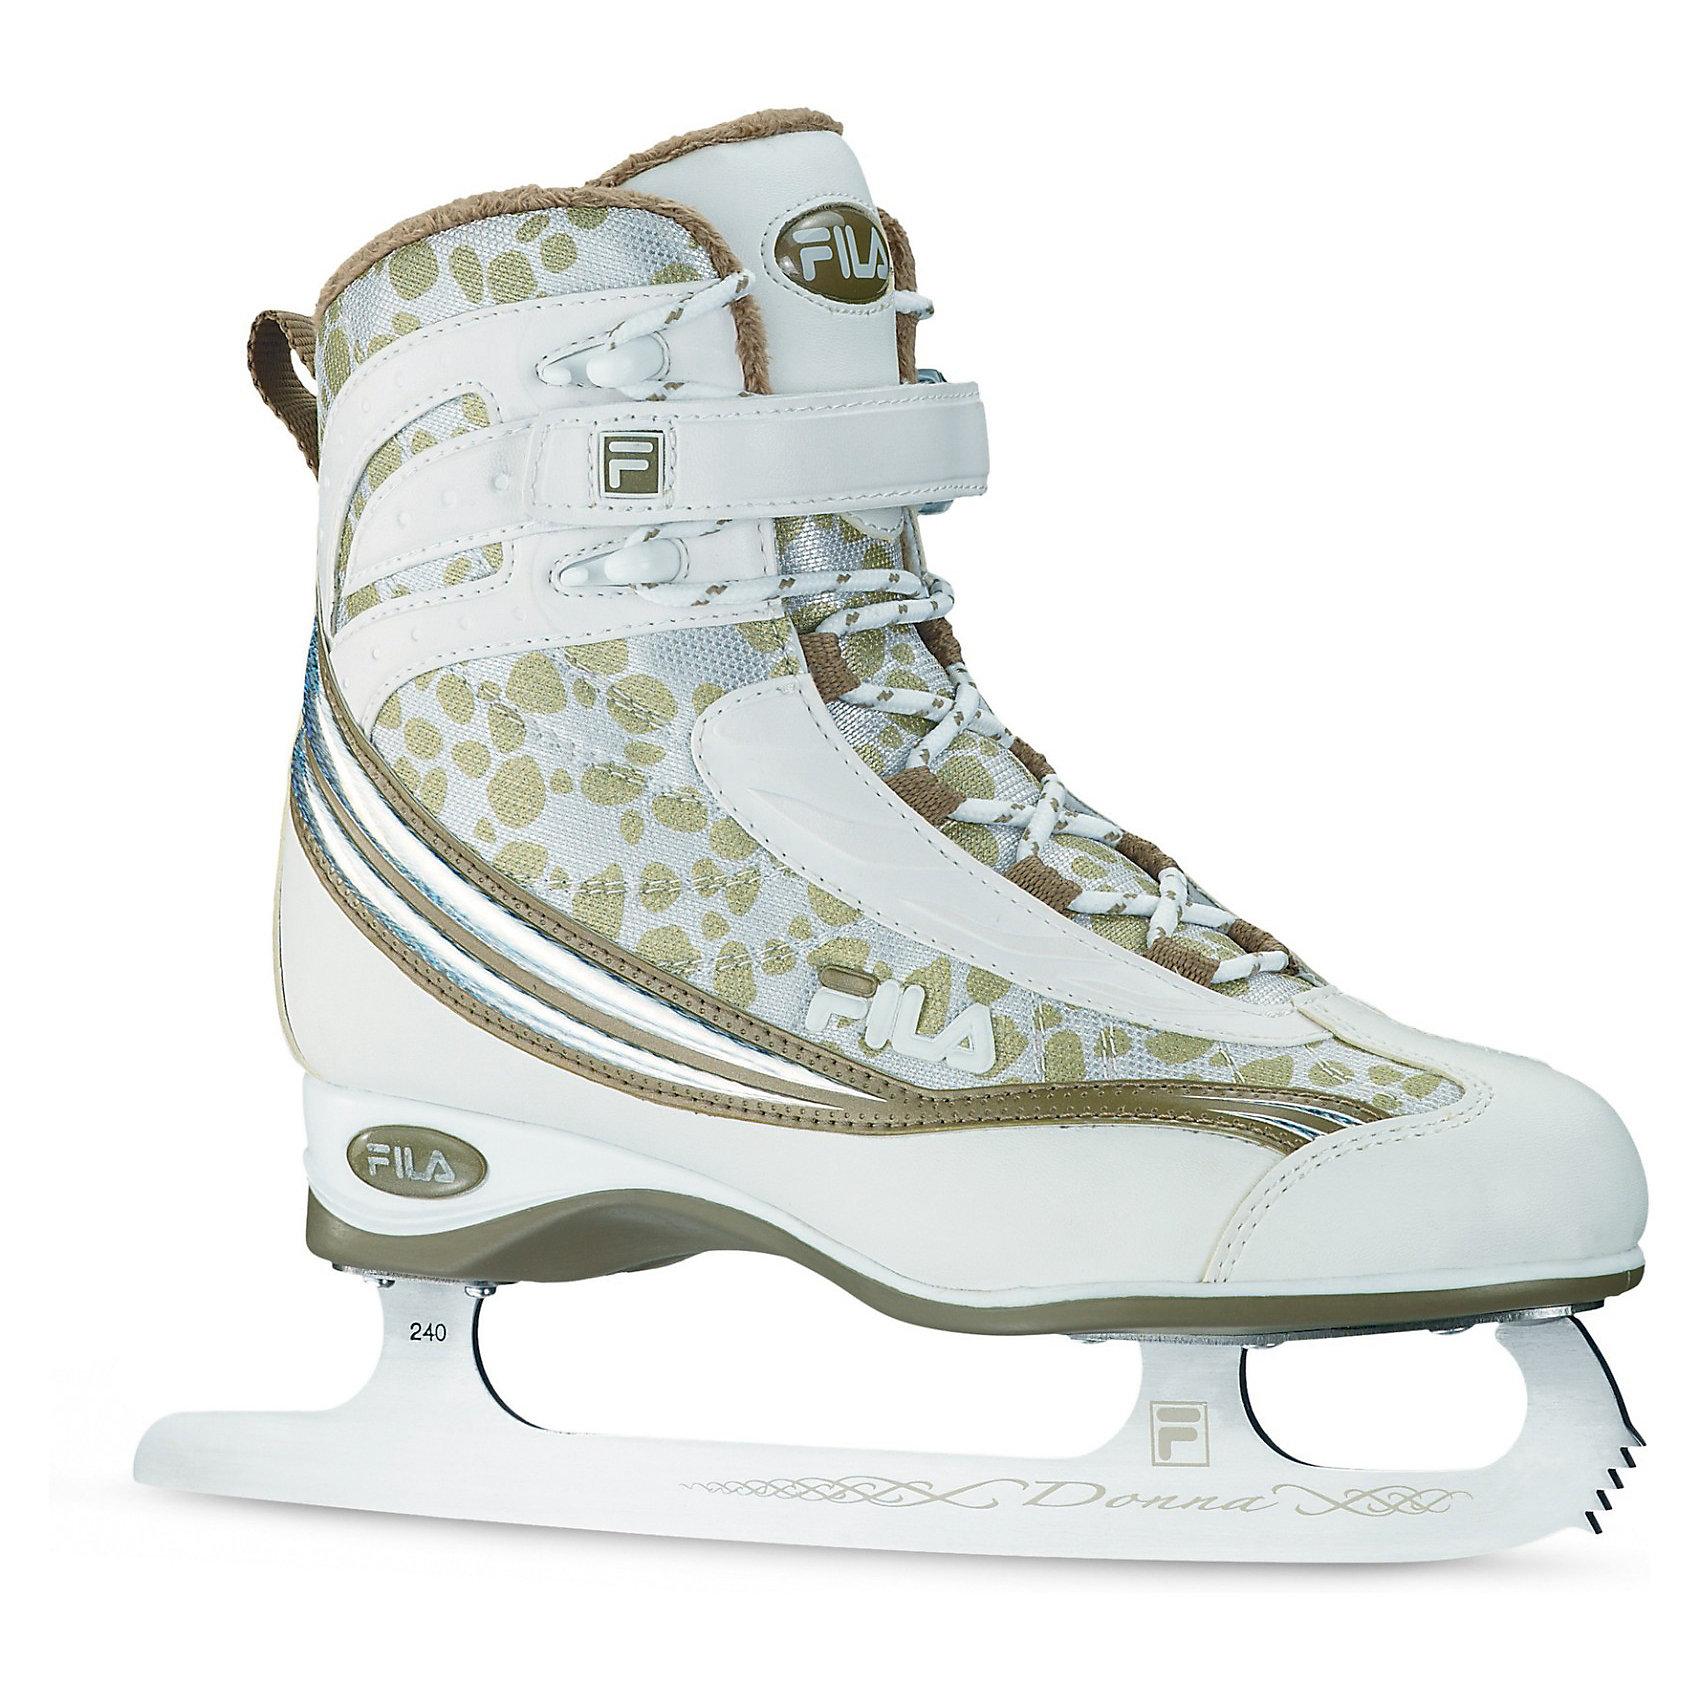 Ледовые коньки Donna, белый, FILAКоньки<br>Ледовые коньки Donna, белый, FILA - теплые, удобные и элегантные прогулочные ледовые коньки.<br><br>Ледовые коньки от итальянского бренда Fila отличаются достойным качеством и высоким комфортом. <br>Верх ботинка изготовлен из синтетической ткани со вставками из нейлона. Жесткая конструкция поддерживает голеностоп и минимизирует риск получения травмы. Система крепления состоит из шнурков и удобной липучки. Подкладка из синтетических материалов способствует комфортной посадки ботинка. Пластиковая подошва обеспечивает надежную конструкцию. Лезвия из нержавеющей стали с защитным напылением подходят для многократной заточки.<br><br> Данная модель предназначена для всех любителей катания на льду независимо от уровня индивидуального мастерства. <br><br>Дополнительная информация:<br><br>- Материал ботинка: ПВХ.<br>- Внутренний материал ботинка: синтетическая ткань.<br>- Тип фиксации: липучки, шнурки.<br>- Материал подошвы: пластик.<br>- Материал лезвия: нержавеющая сталь.<br><br>Ледовые коньки Donna, белый, FILA можно купить в нашем интернет-магазине.<br><br>Ширина мм: 460<br>Глубина мм: 350<br>Высота мм: 130<br>Вес г: 2500<br>Цвет: белый<br>Возраст от месяцев: 120<br>Возраст до месяцев: 1200<br>Пол: Женский<br>Возраст: Детский<br>Размер: 38.5,37.5,39,38,37<br>SKU: 3169529